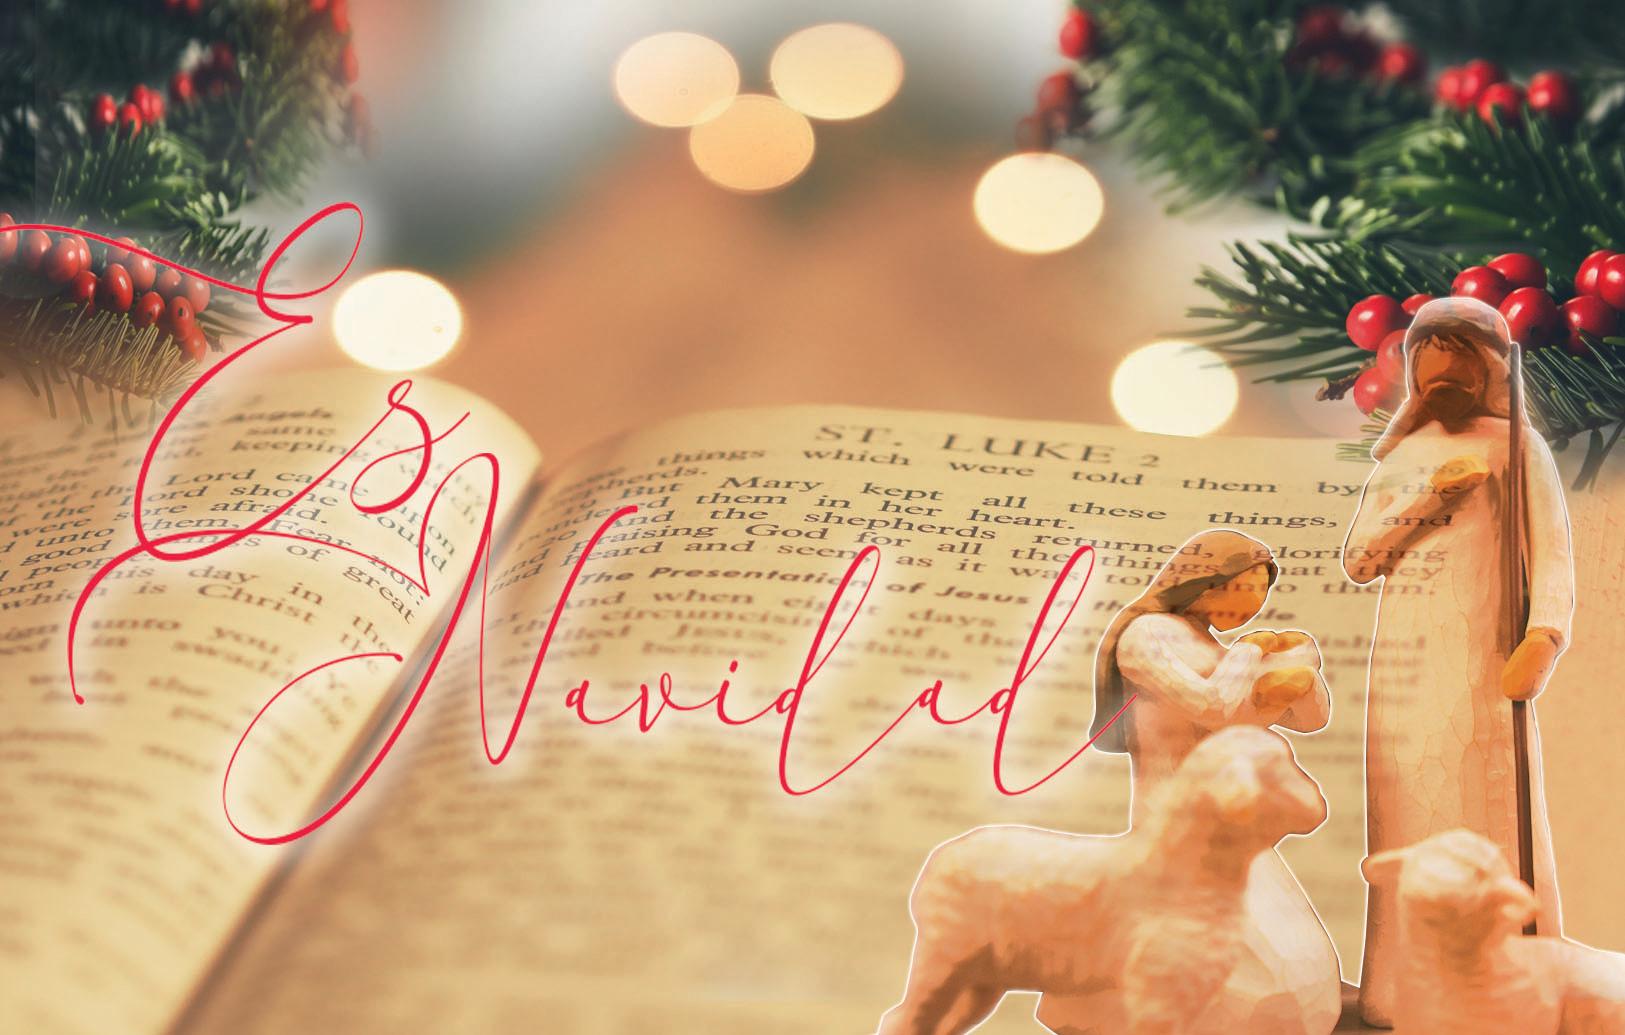 723 Es Navidad •El Heraldo Digital para el 22 de diciembre de 2019 • 723 • Volumen XV